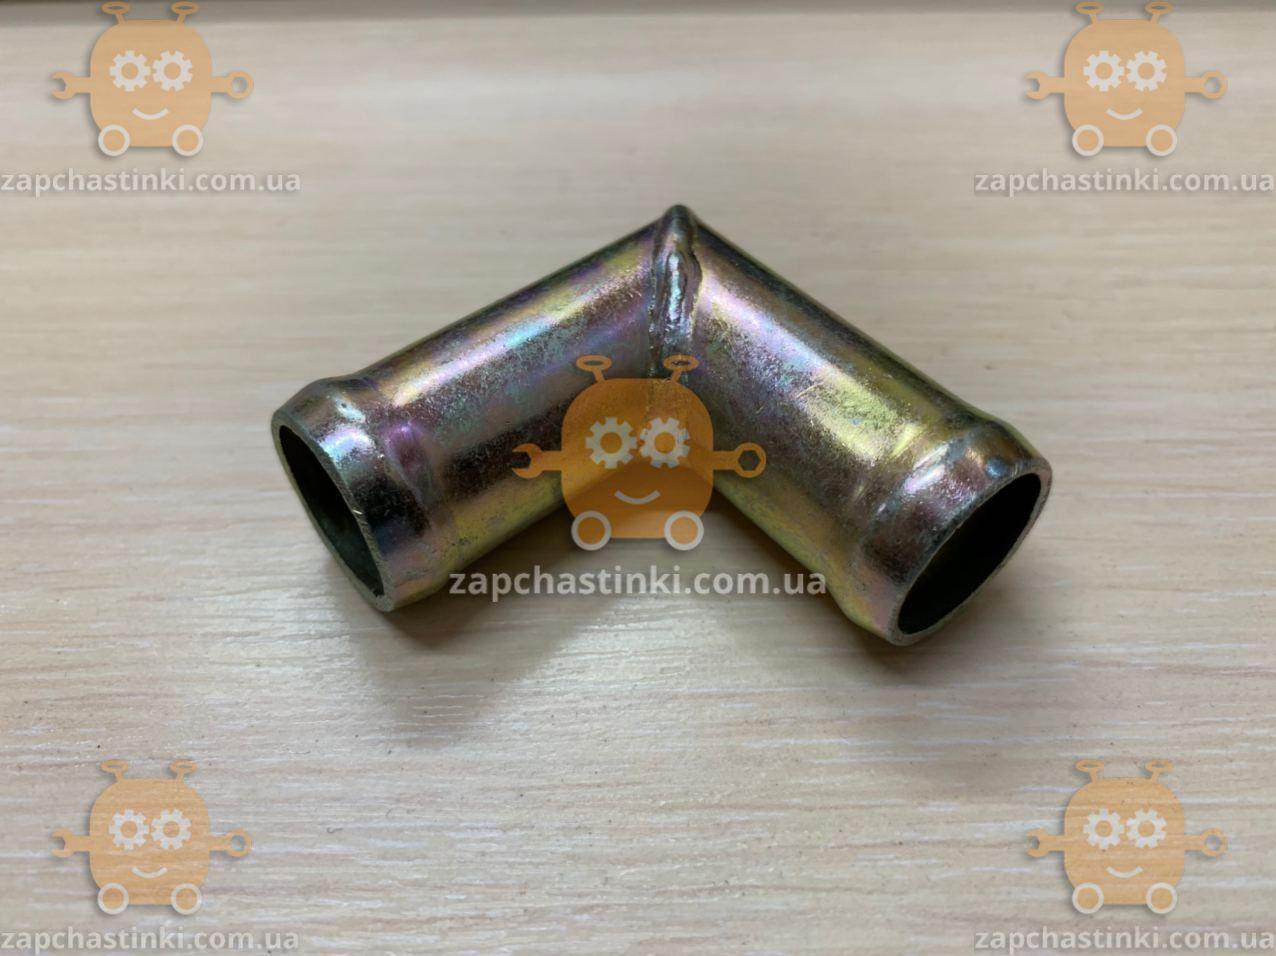 Куточок двійник 20х20мм перехідник під шланг метал (пр-во Росія) М 3742743